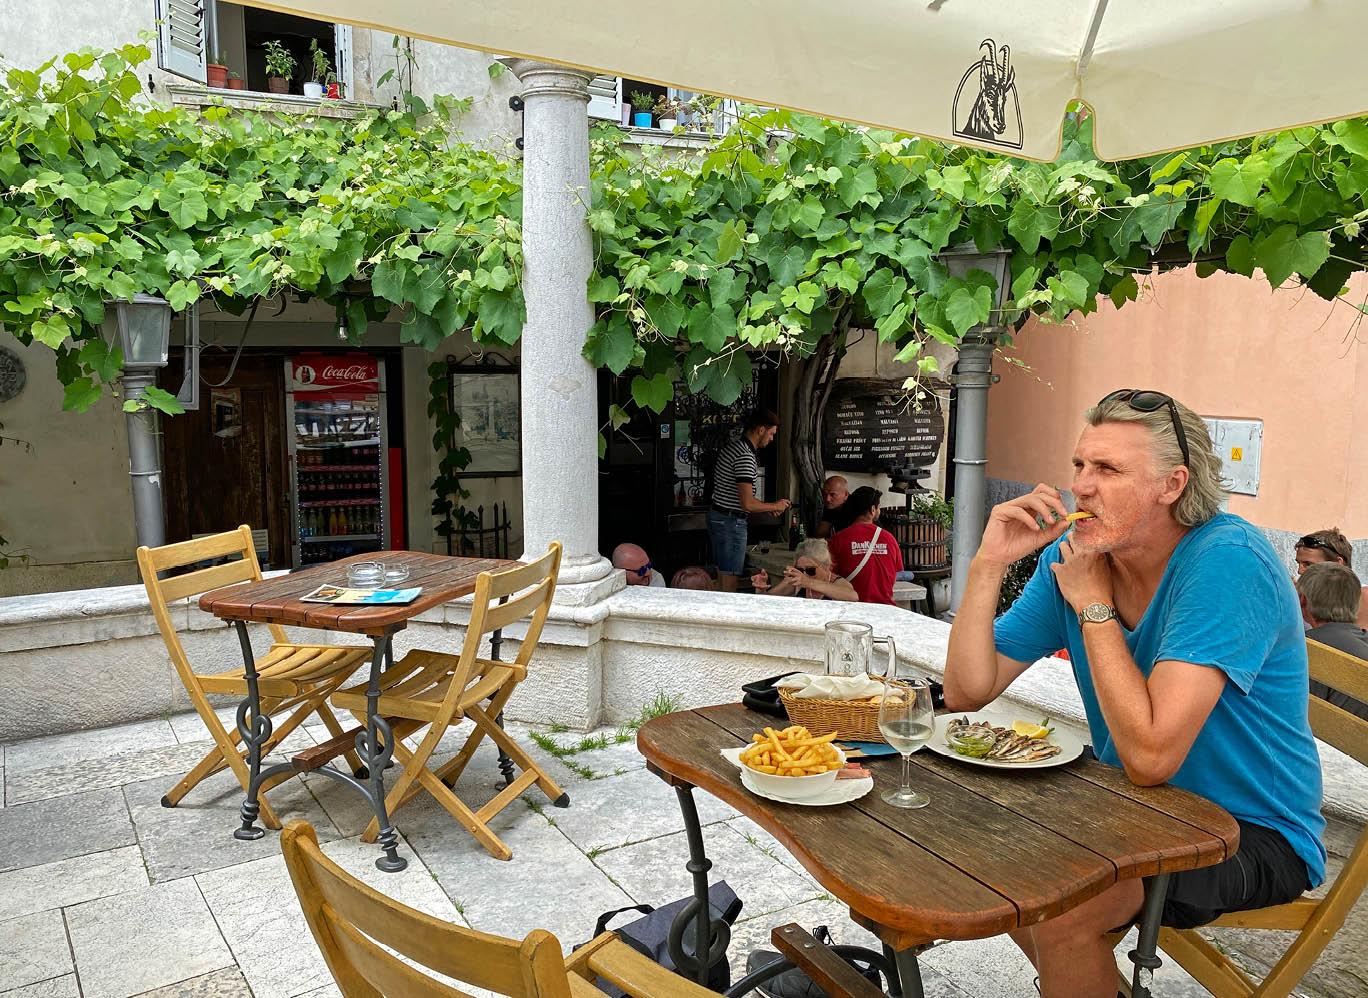 Okrepcevalnica Cantina in Piran: Stärkung unter einem Dach aus Weinreben